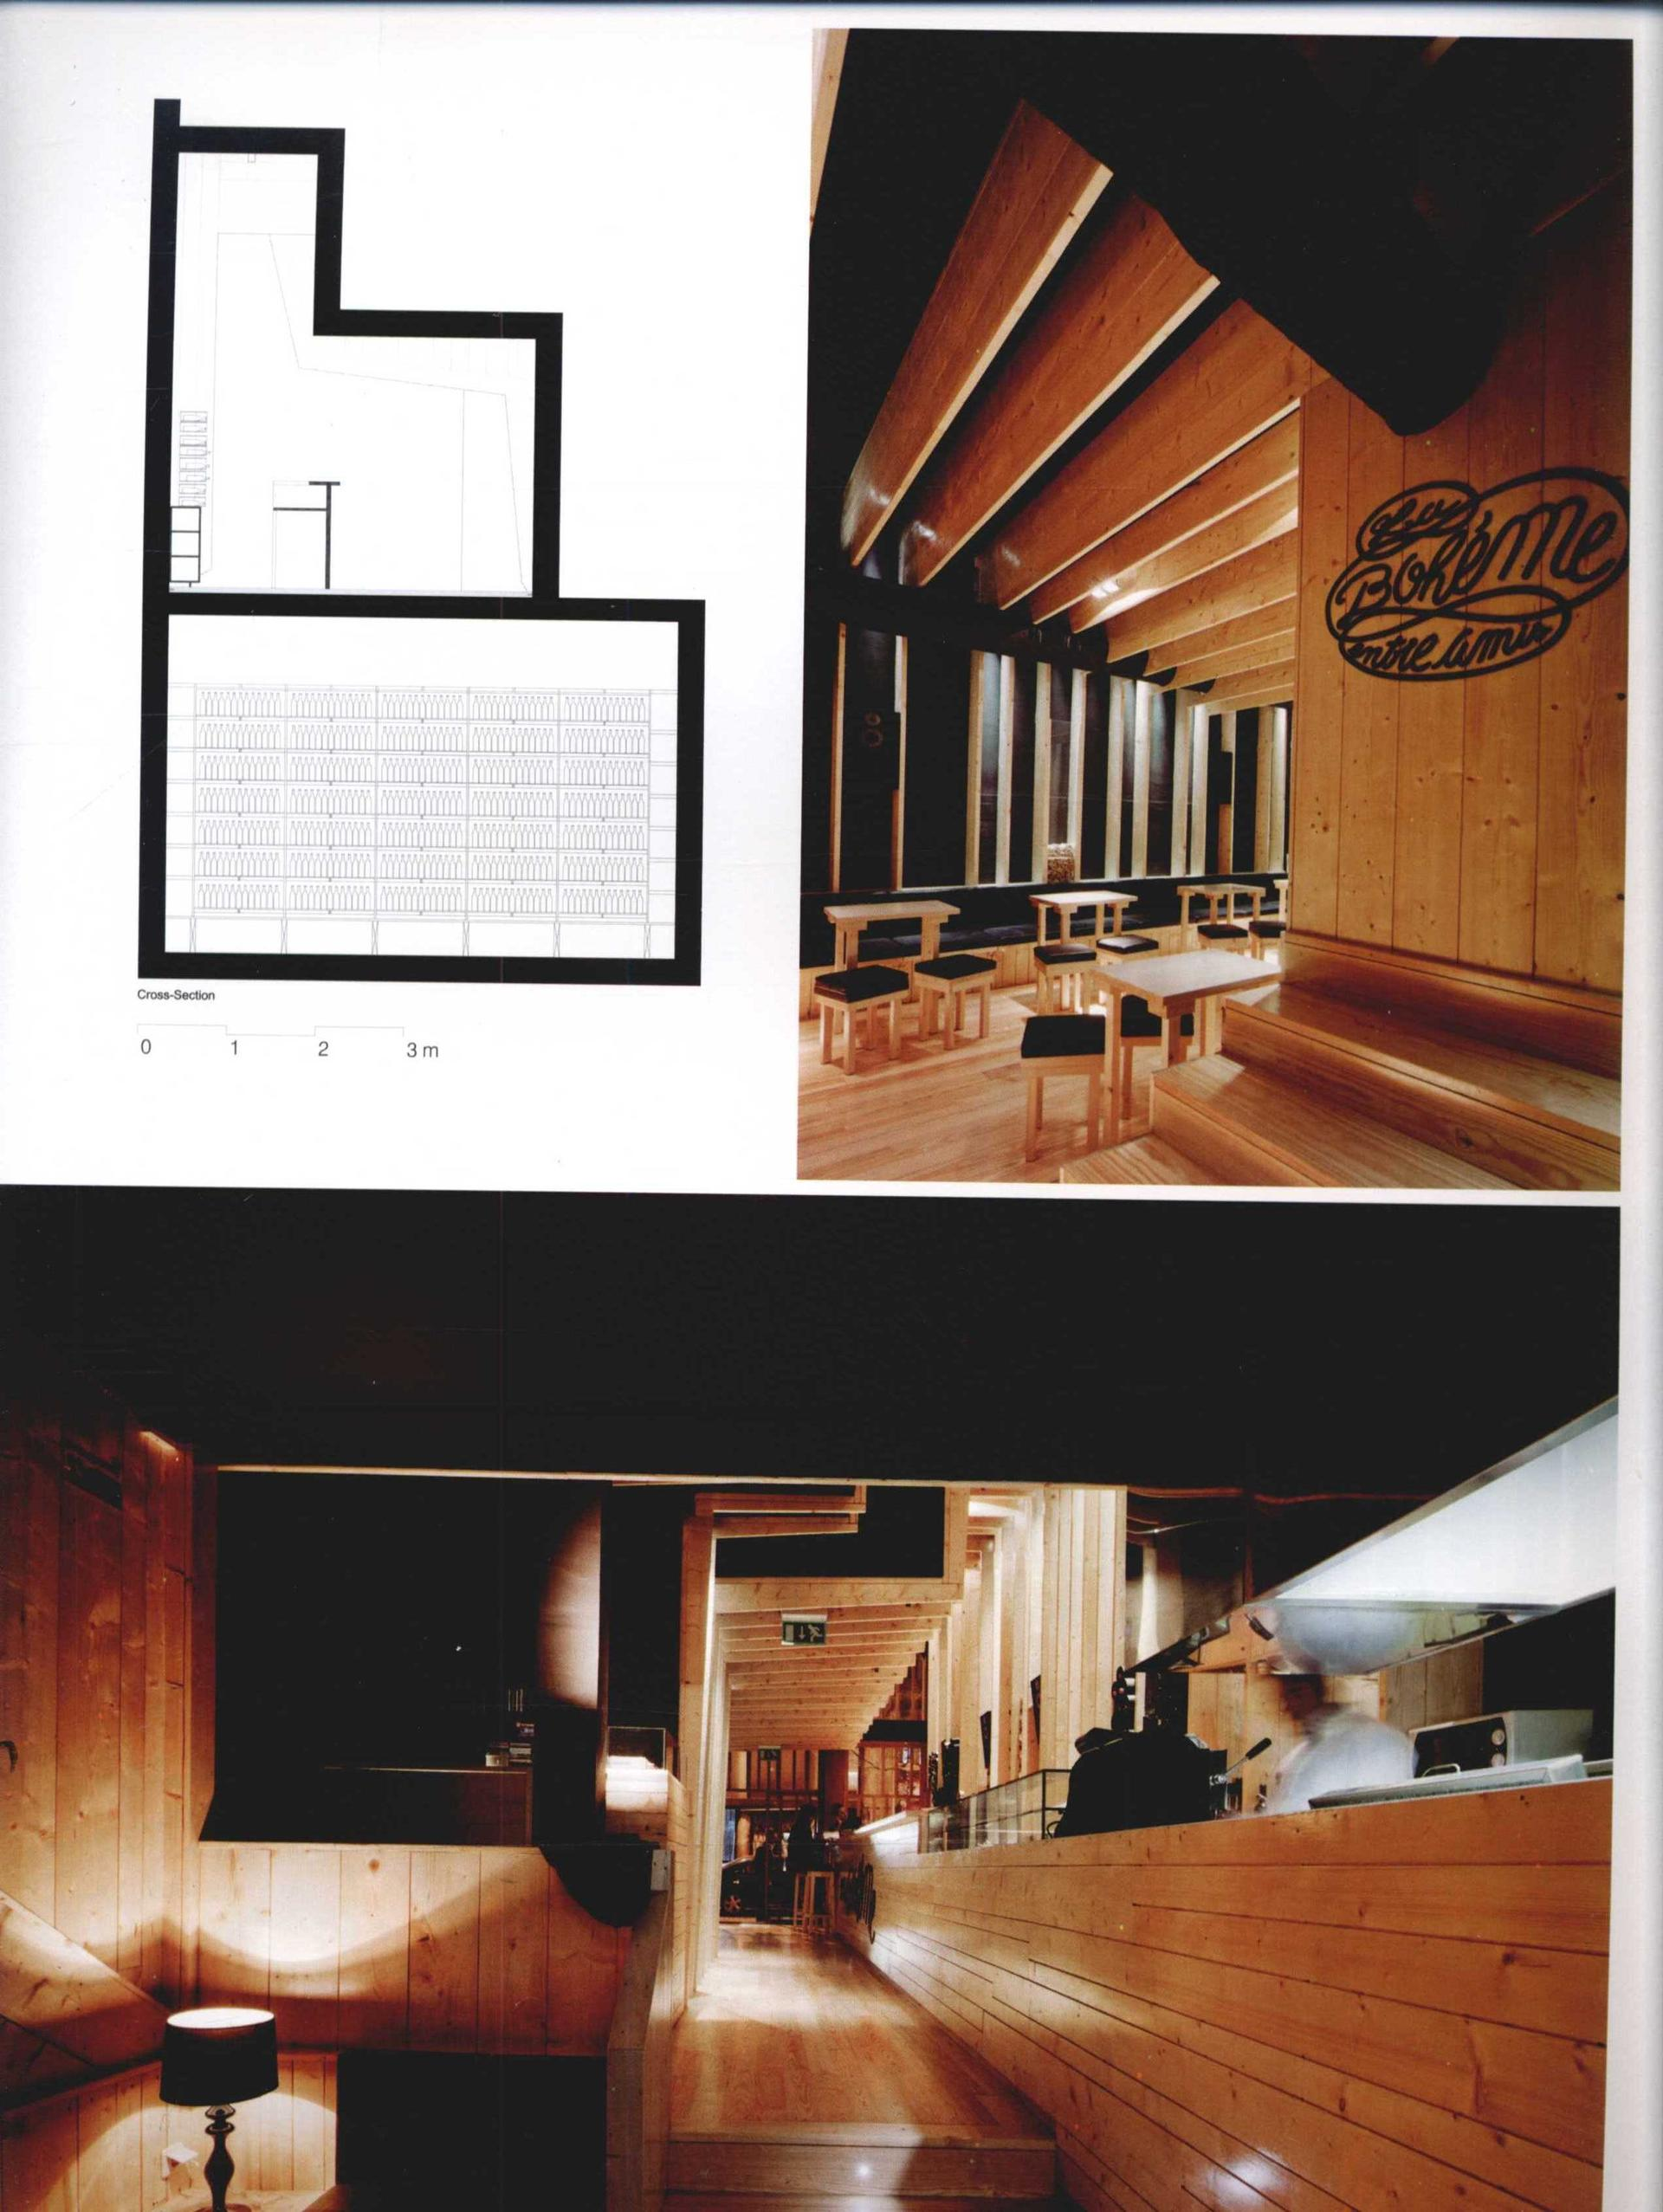 2012全球室内设计年鉴  餐饮_Page_250.jpg